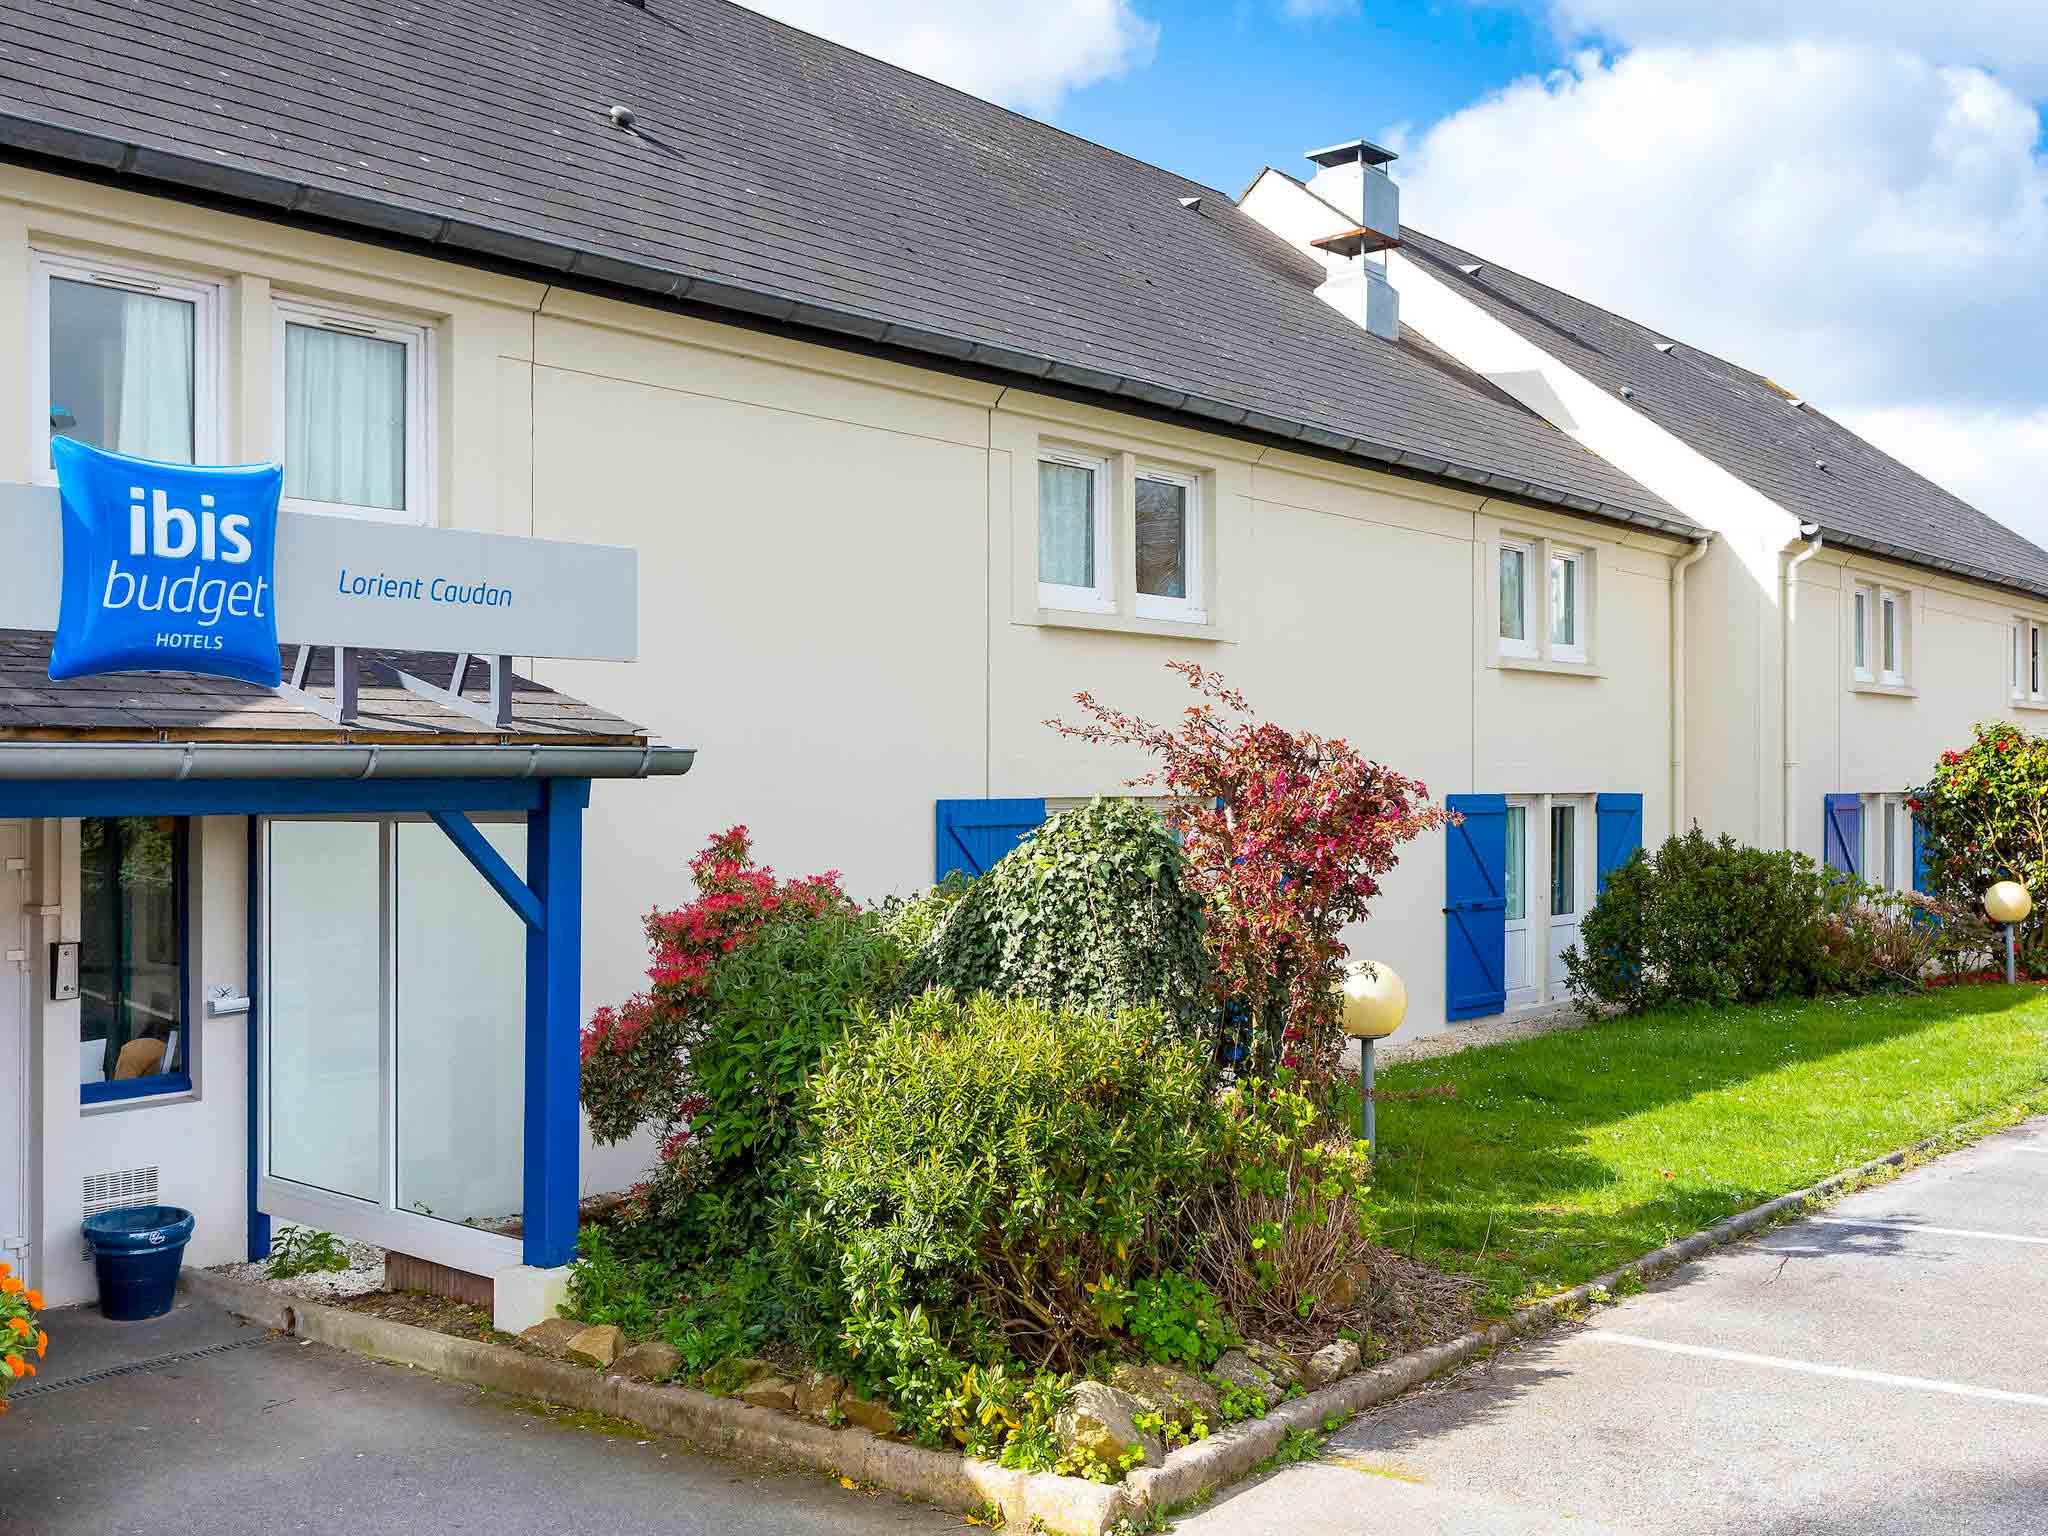 Hotel – ibis budget Lorient Caudan